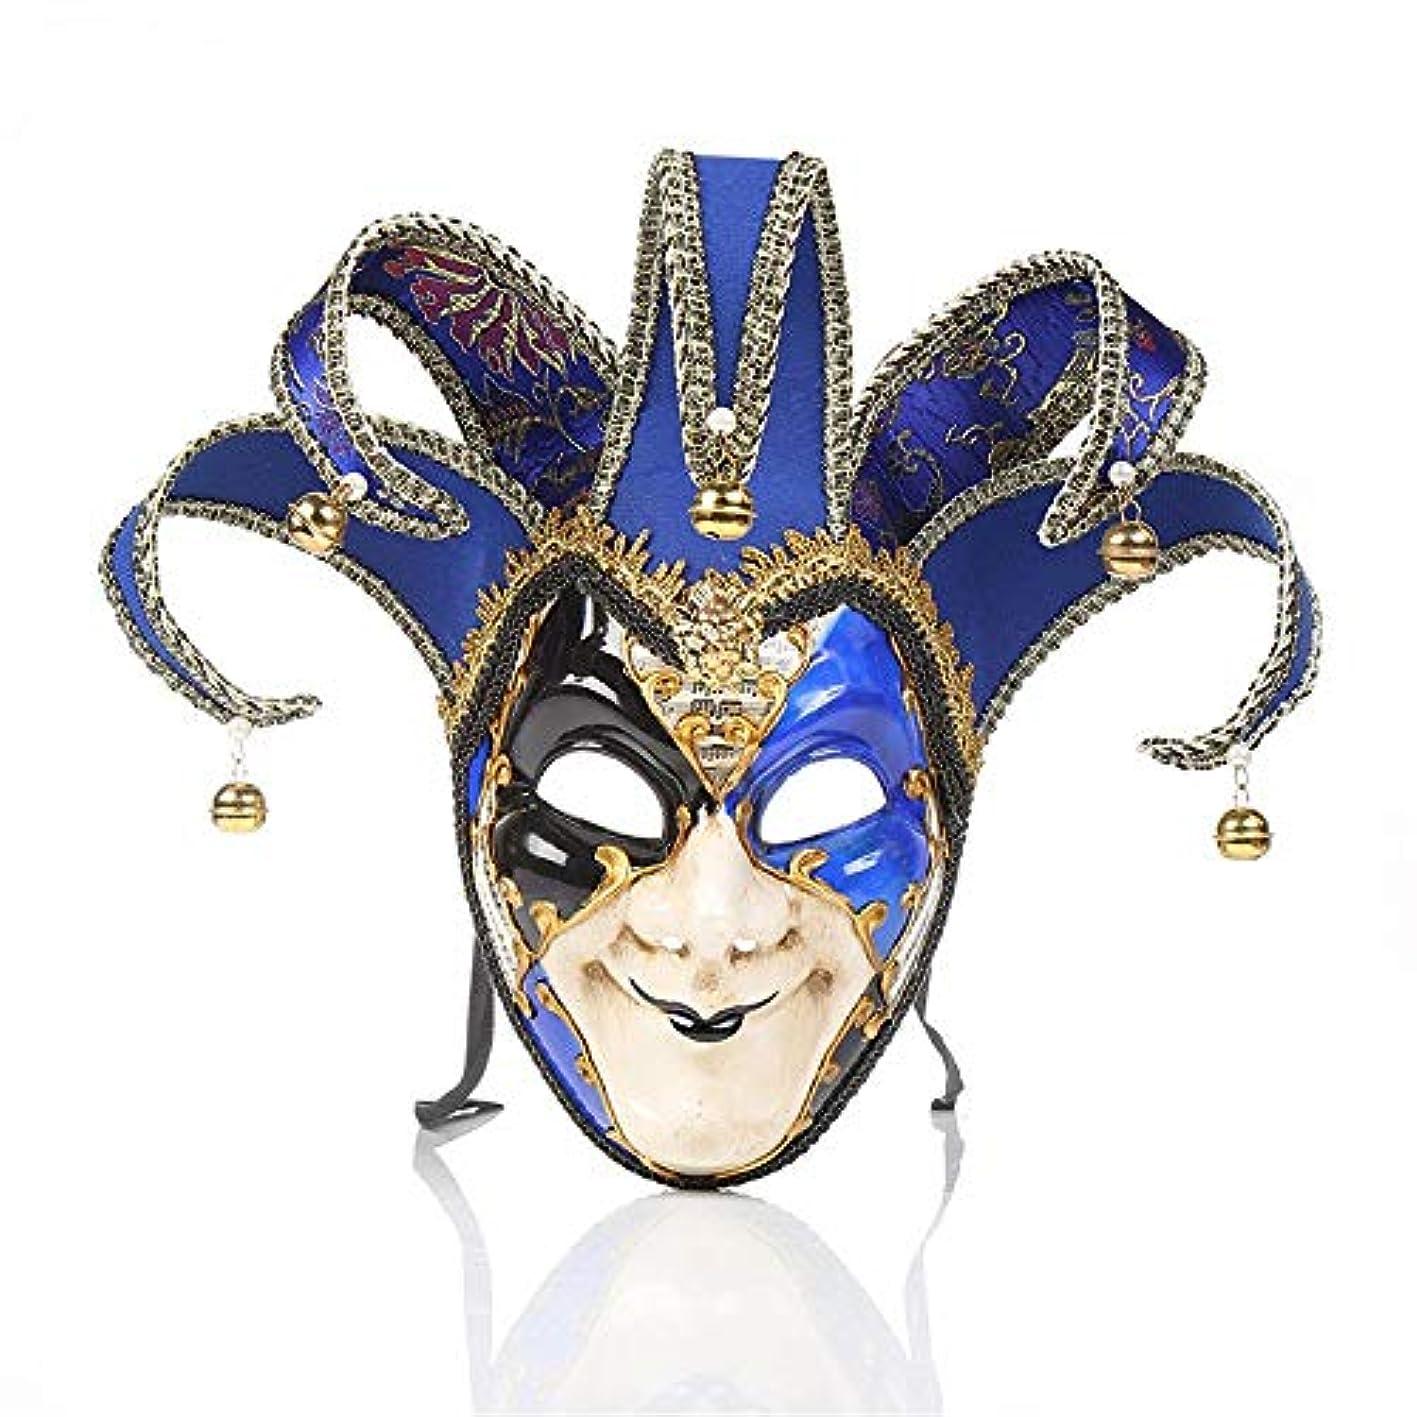 カバー暗殺するリフレッシュダンスマスク ピエロマスクハロウィーンパフォーマンスパフォーマンス仮面舞踏会雰囲気用品祭りロールプレイングプラスチックマスク ホリデーパーティー用品 (色 : 青, サイズ : 39x33cm)